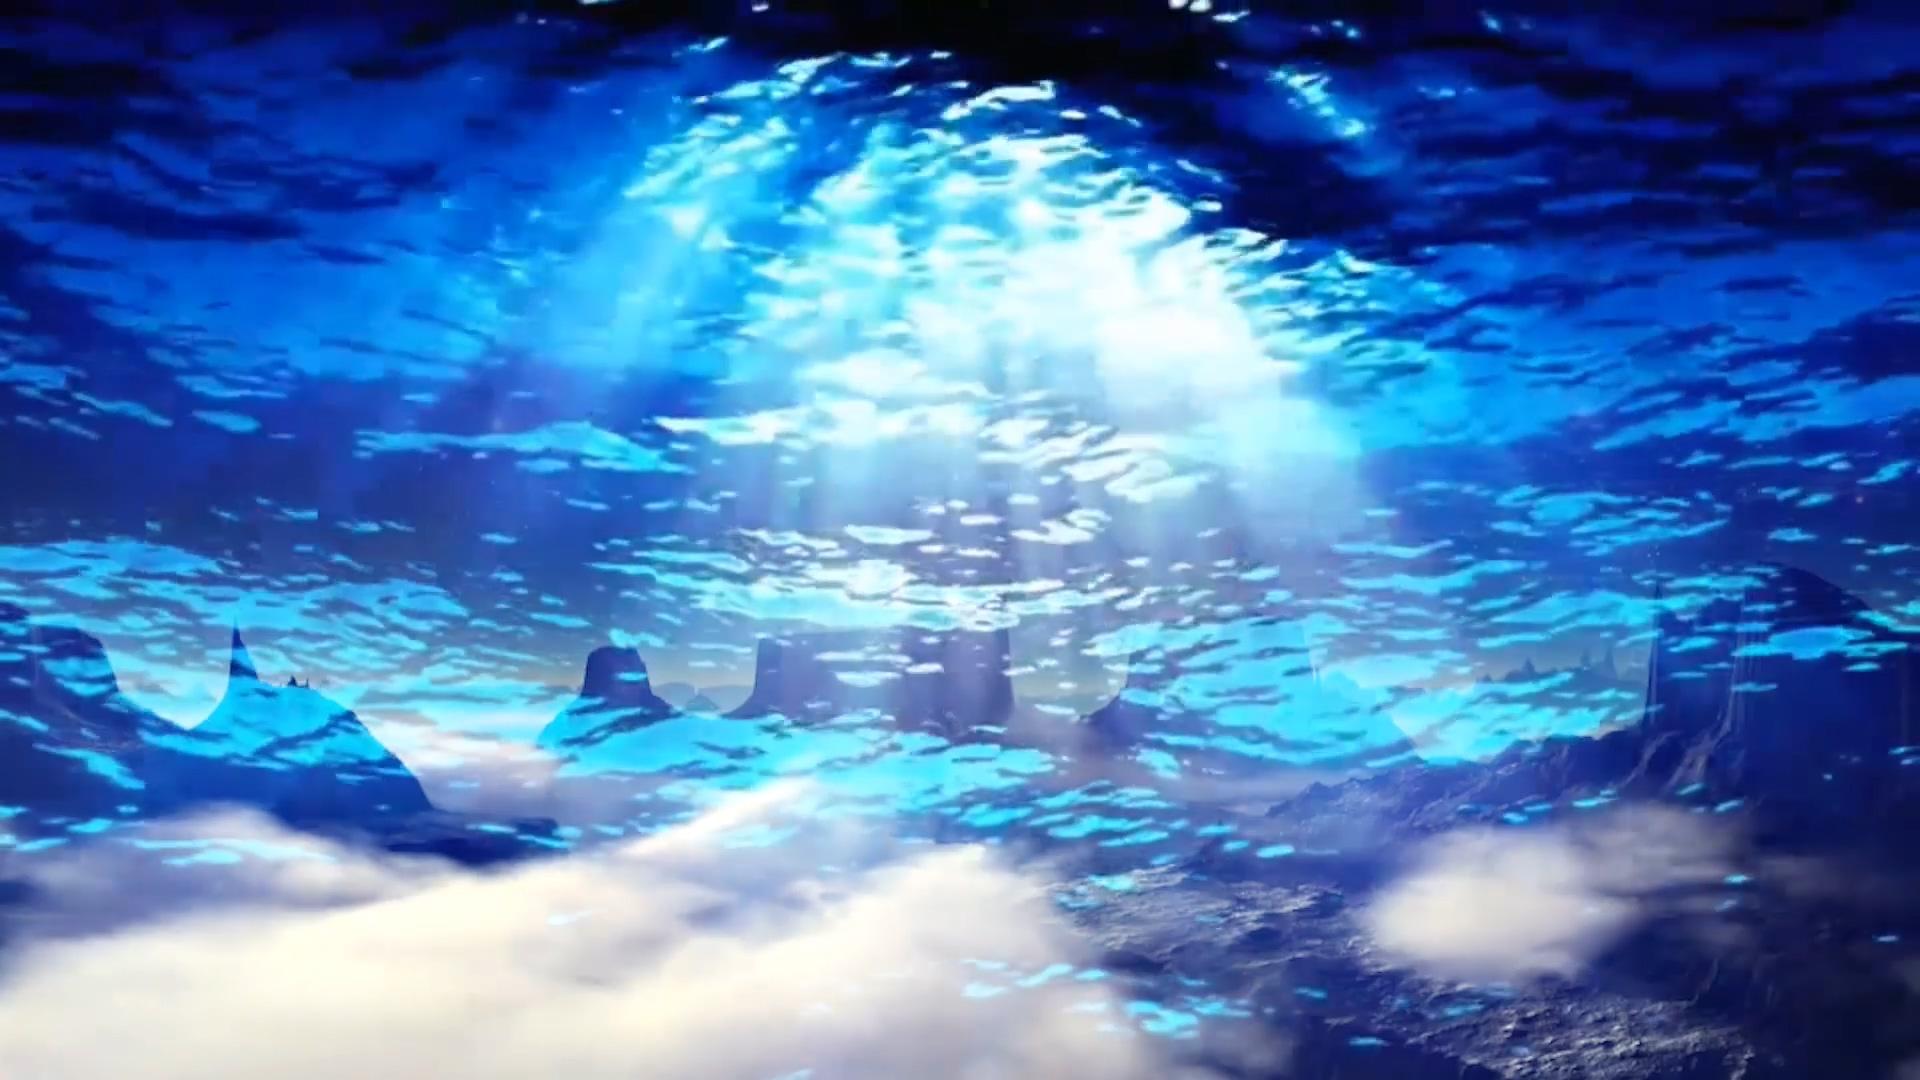 云层穿梭光线光效 花朵敢问路在何方海底背景